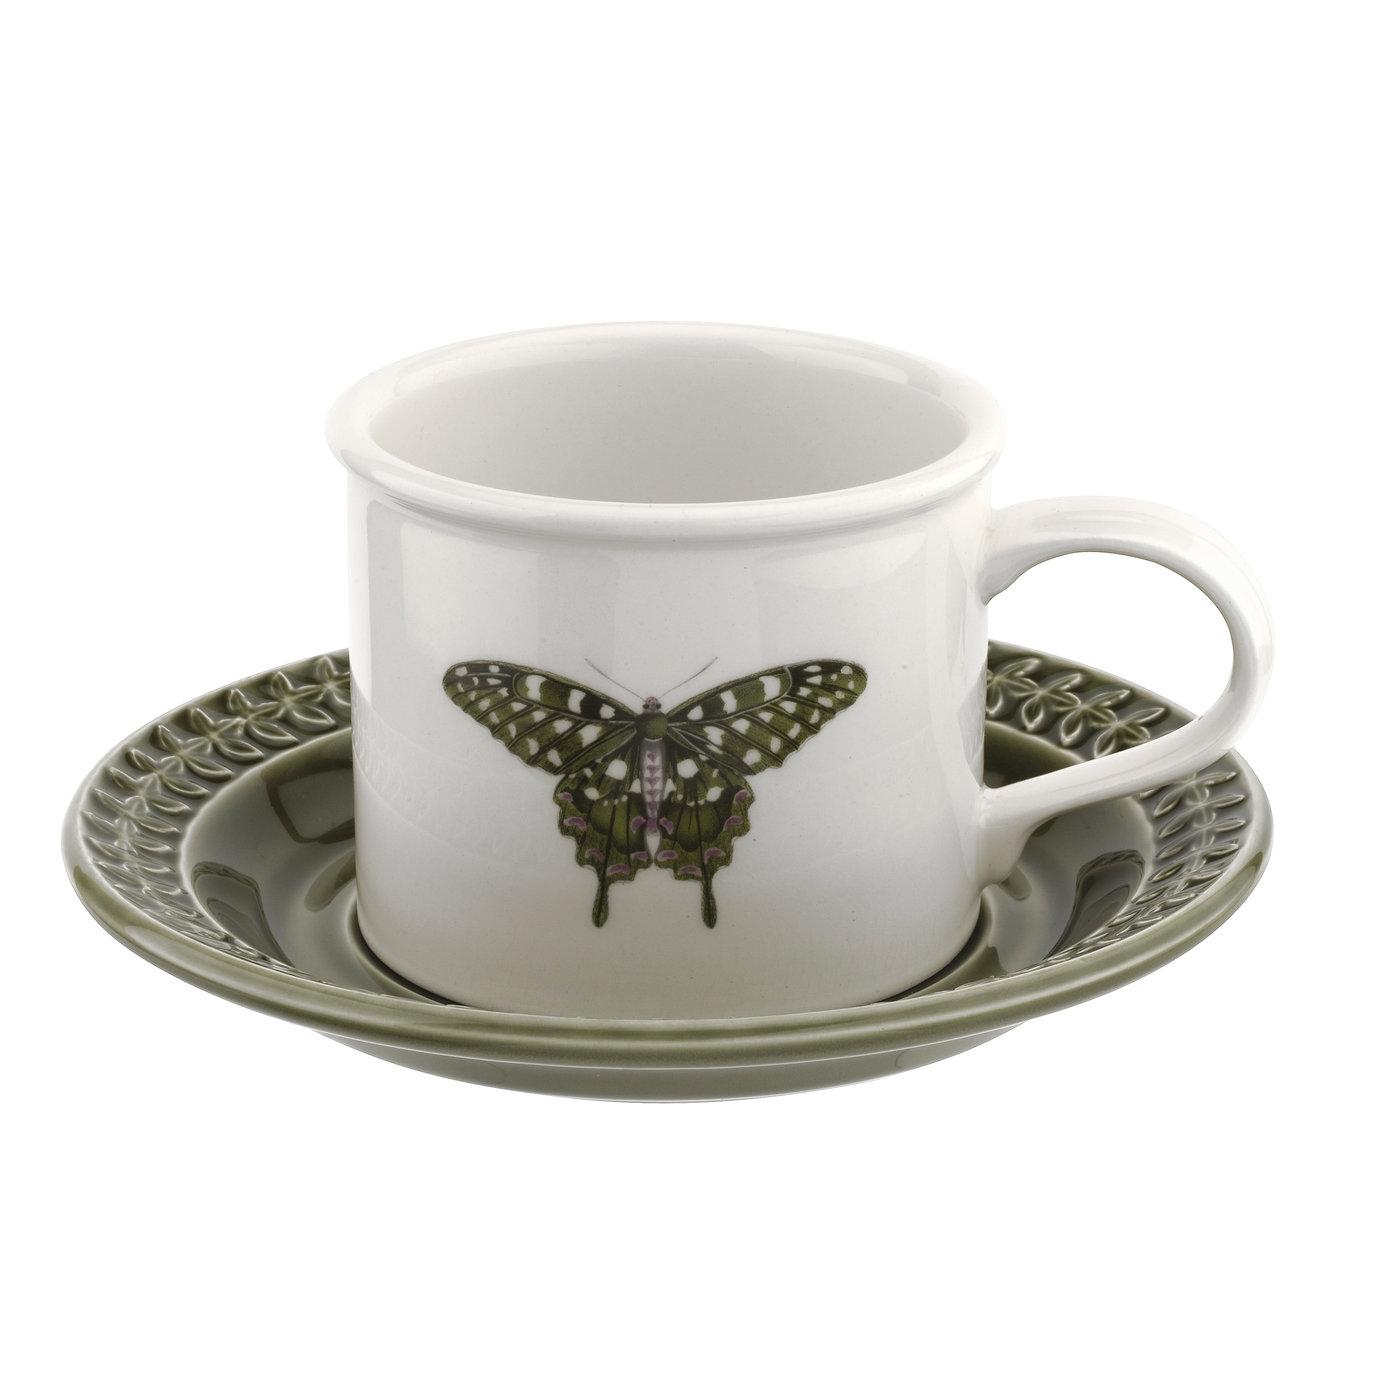 포트메리온 '보타닉 가든 하모니' BF머그 앤 컫받침 Portmeirion Botanic Garden Harmony Embossed Forest Green Breakfast Cup and Saucer